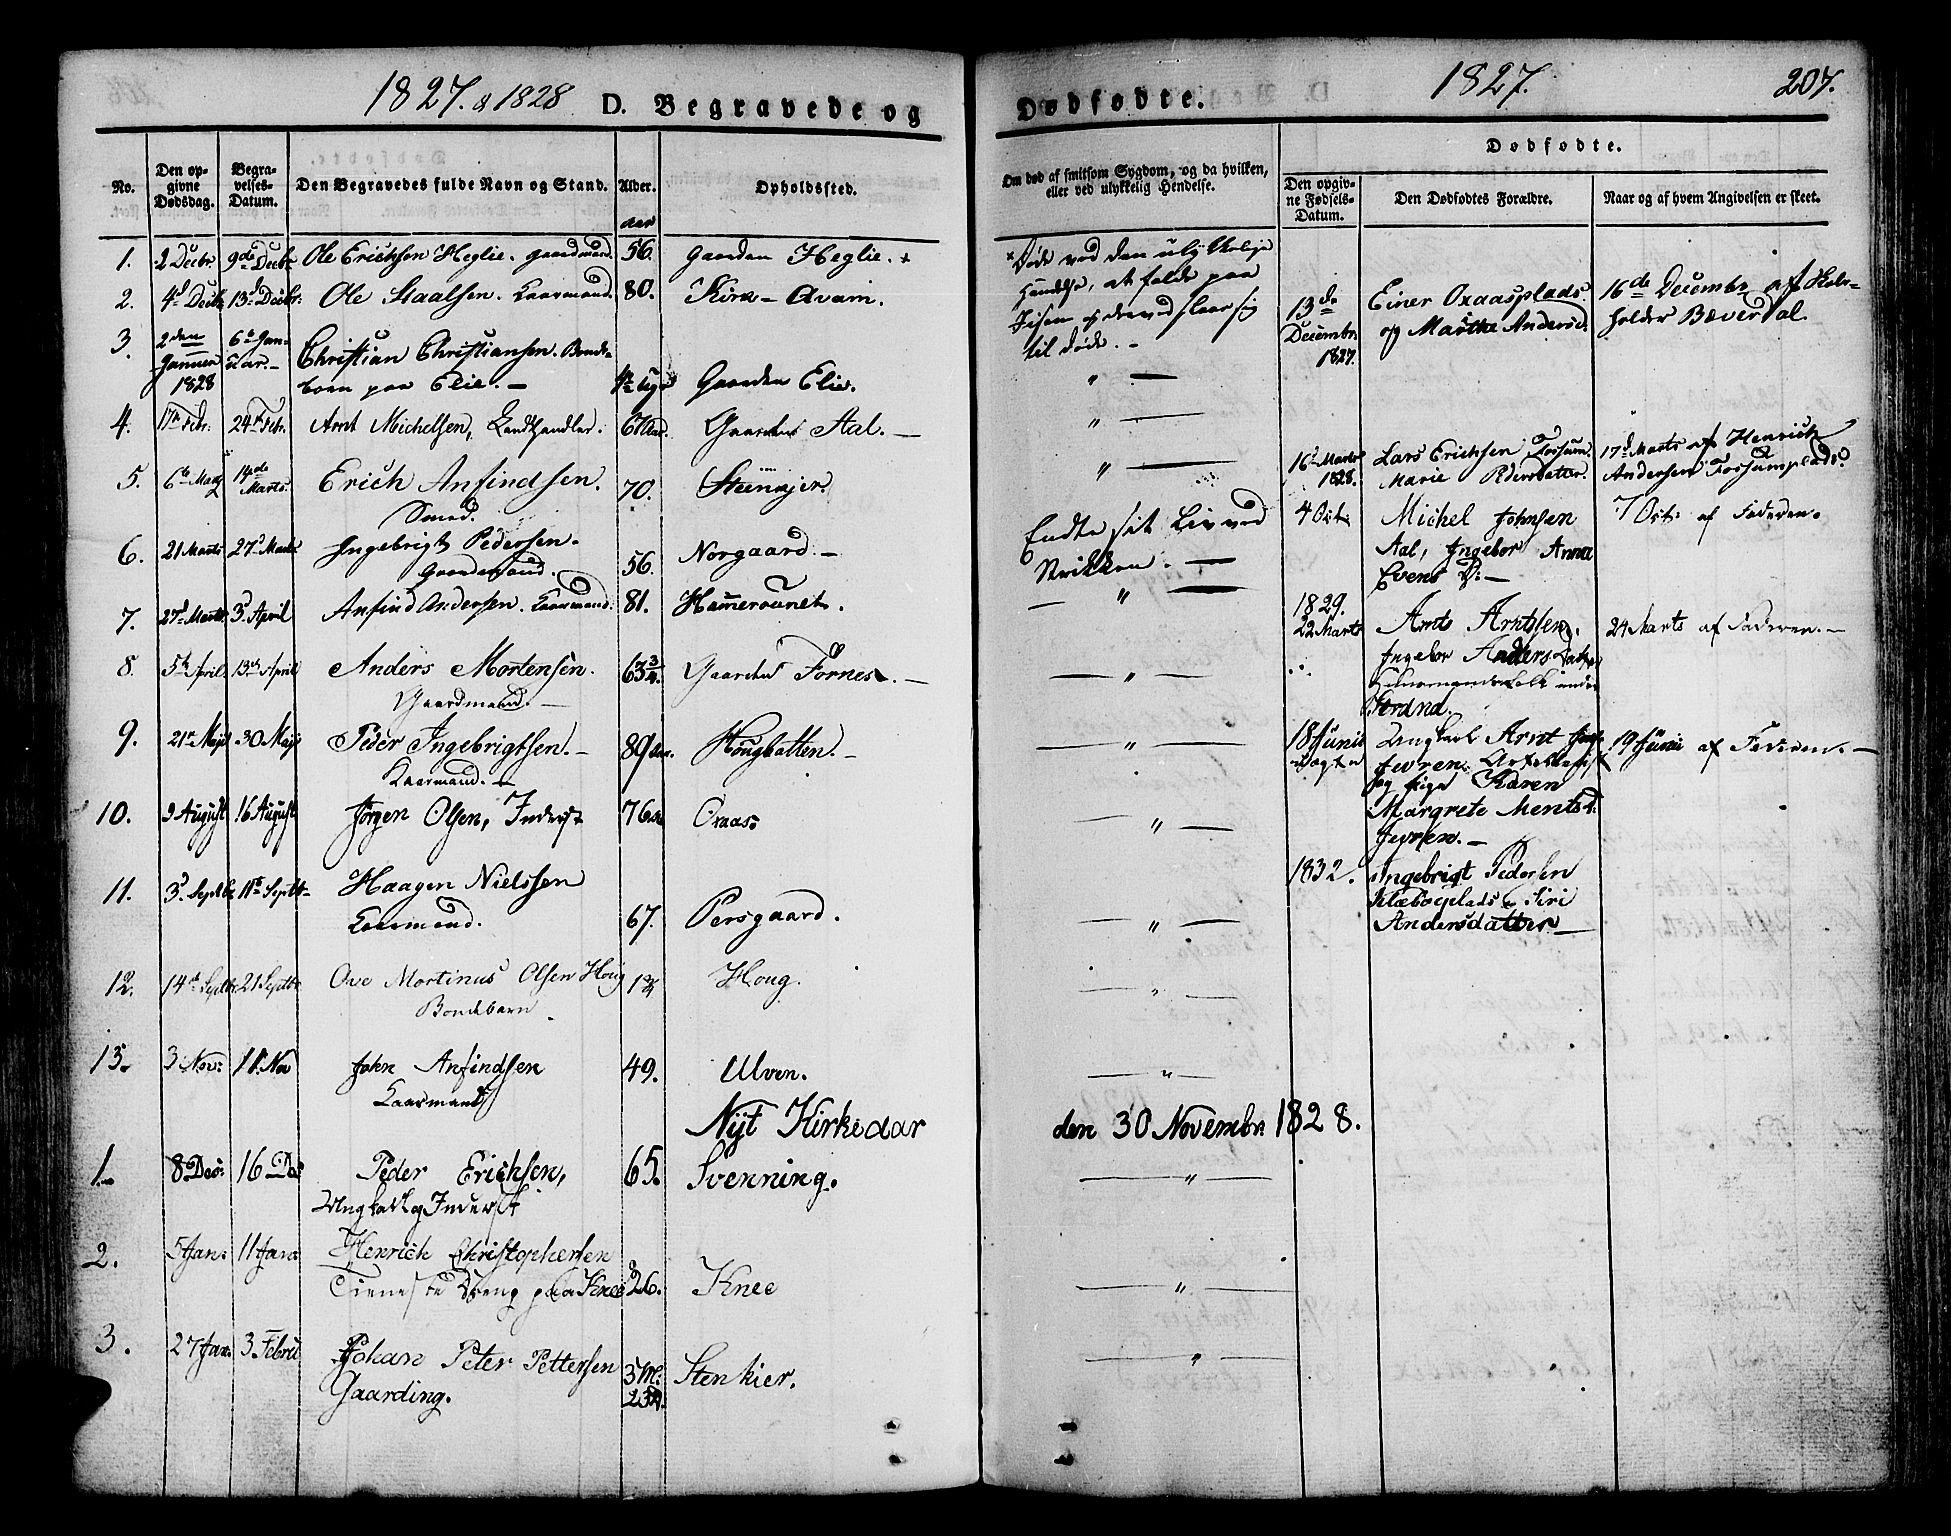 SAT, Ministerialprotokoller, klokkerbøker og fødselsregistre - Nord-Trøndelag, 746/L0445: Ministerialbok nr. 746A04, 1826-1846, s. 207